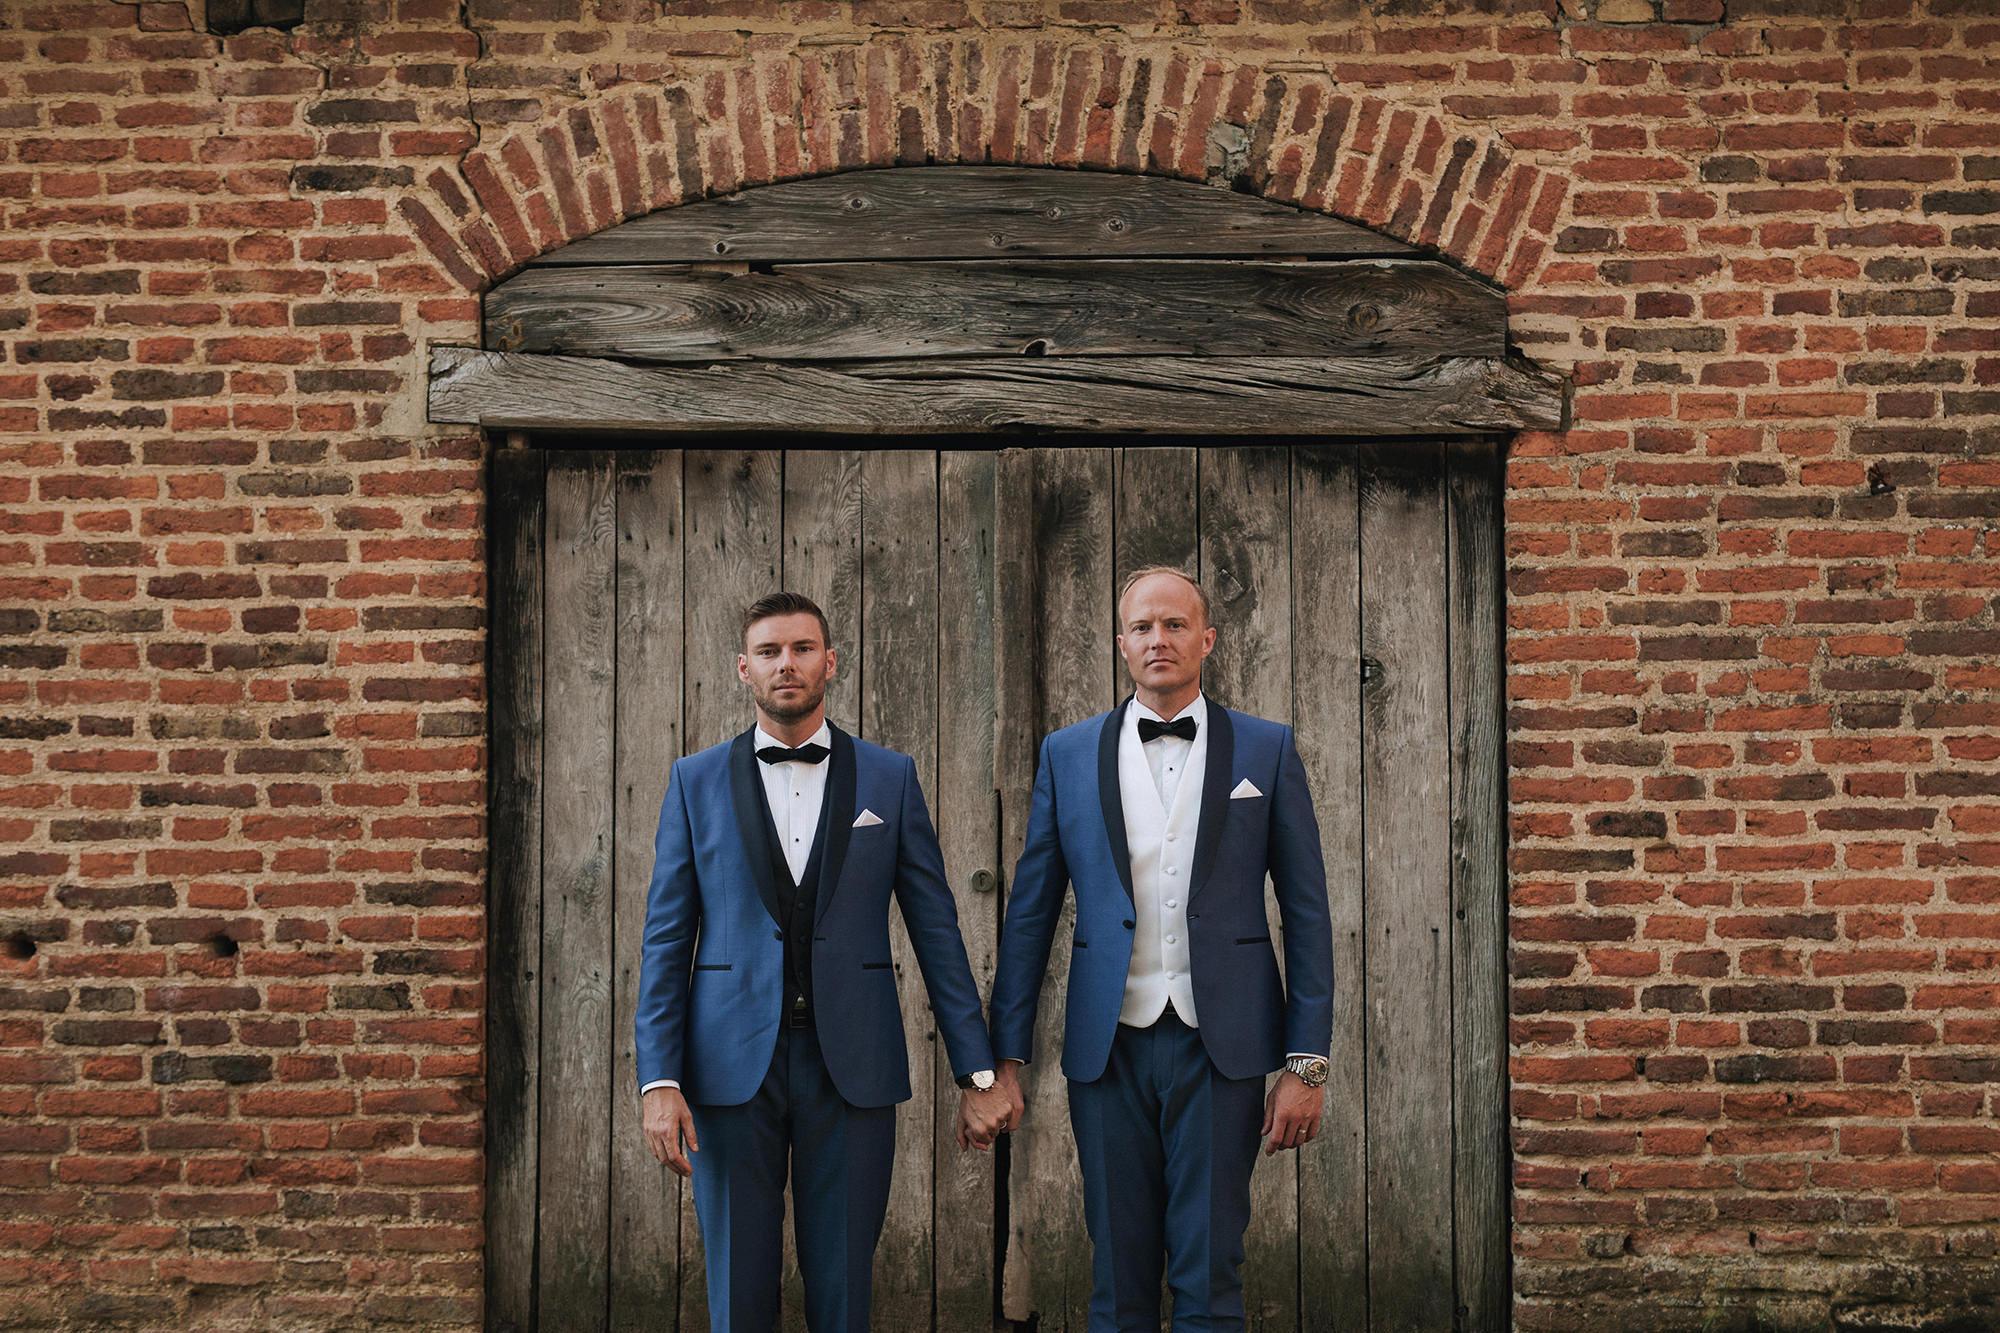 Wedding_chateau_de_varennes_bourgogne_W+V_neupapphotography-908.jpg